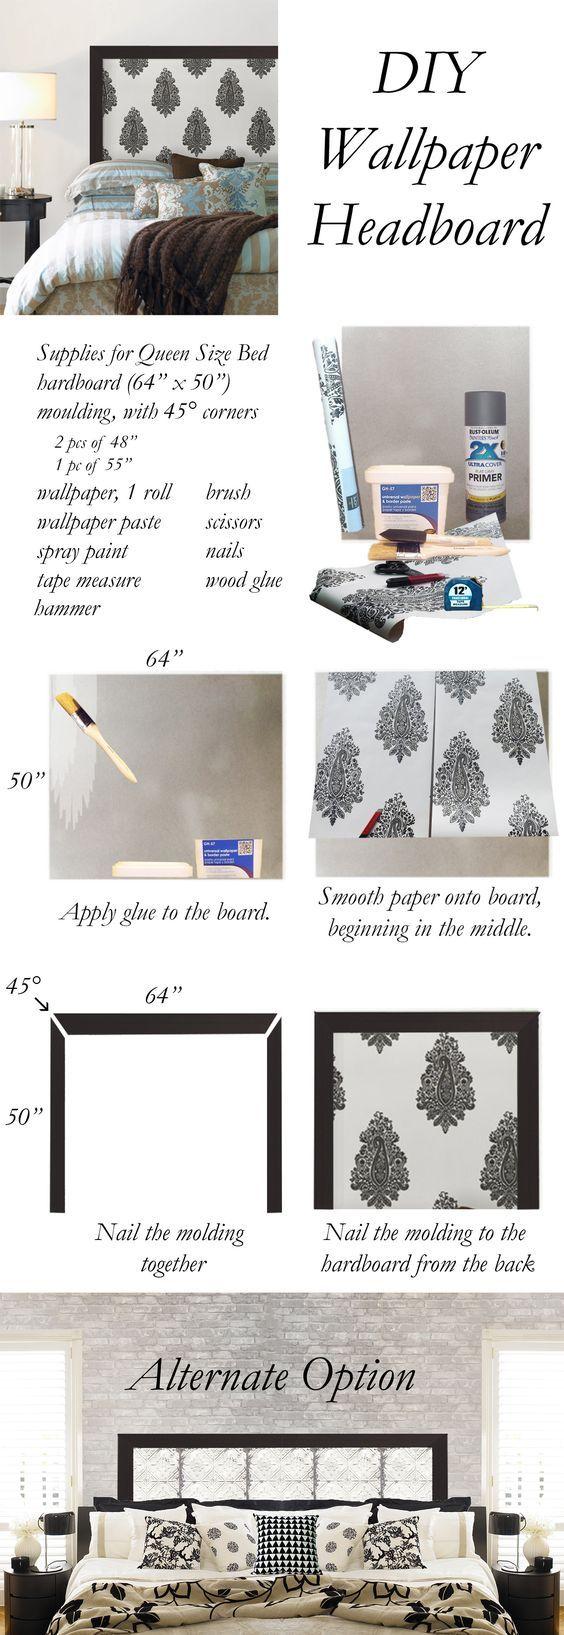 Best 25+ Wallpaper headboard ideas on Pinterest | Floating ...